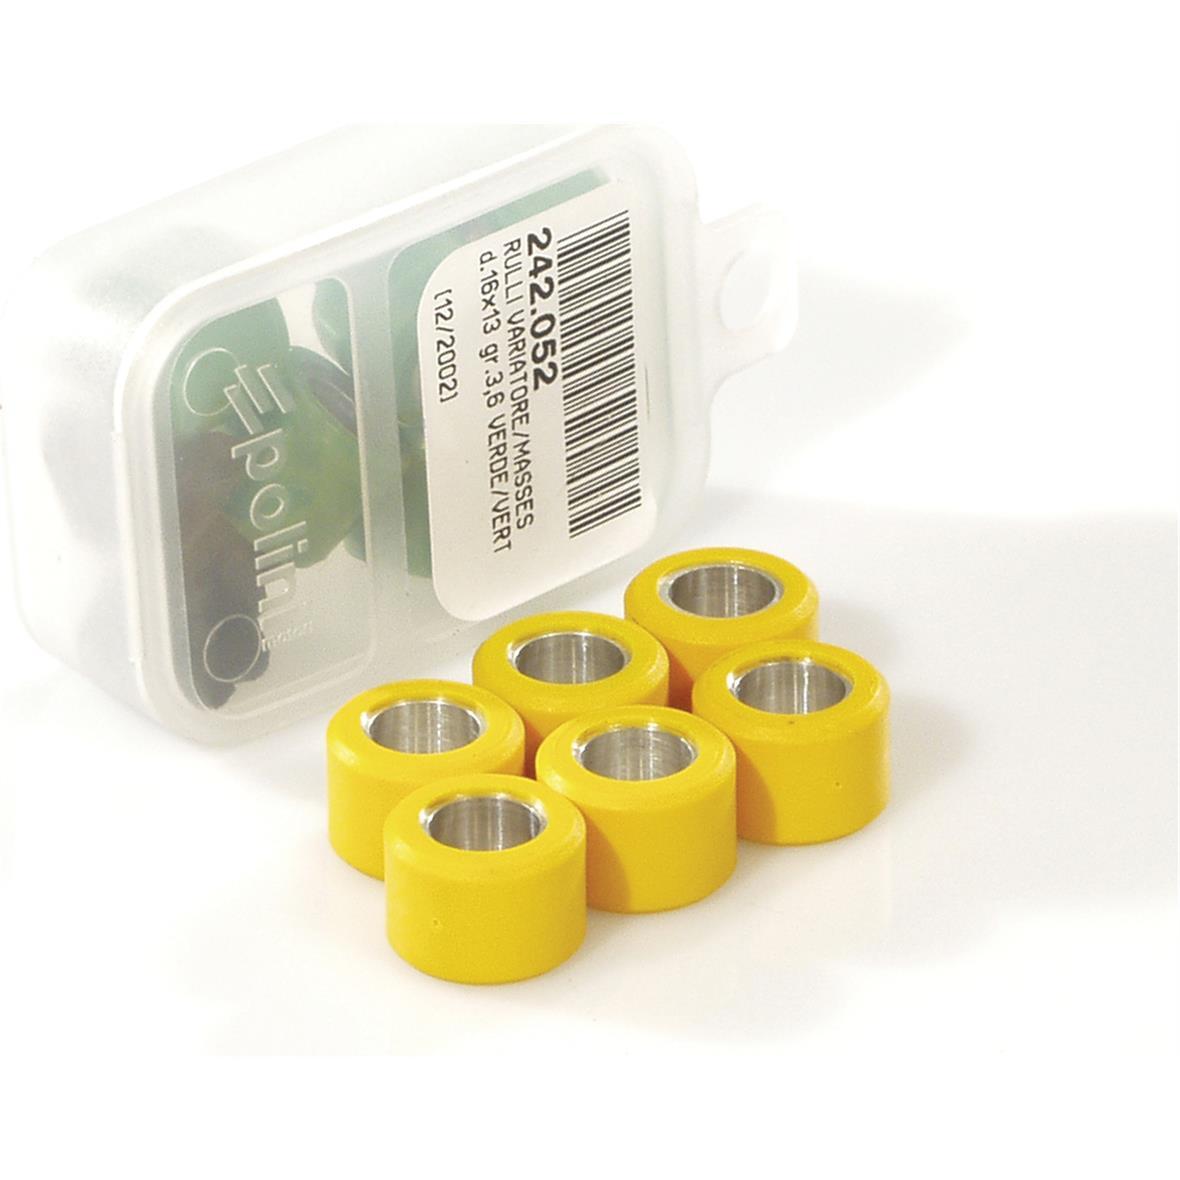 Εικόνα προϊόντος για 'Ράουλα Βαριατόρ POLINI 17x12 mm 10,8 γραμμάριοTitle'